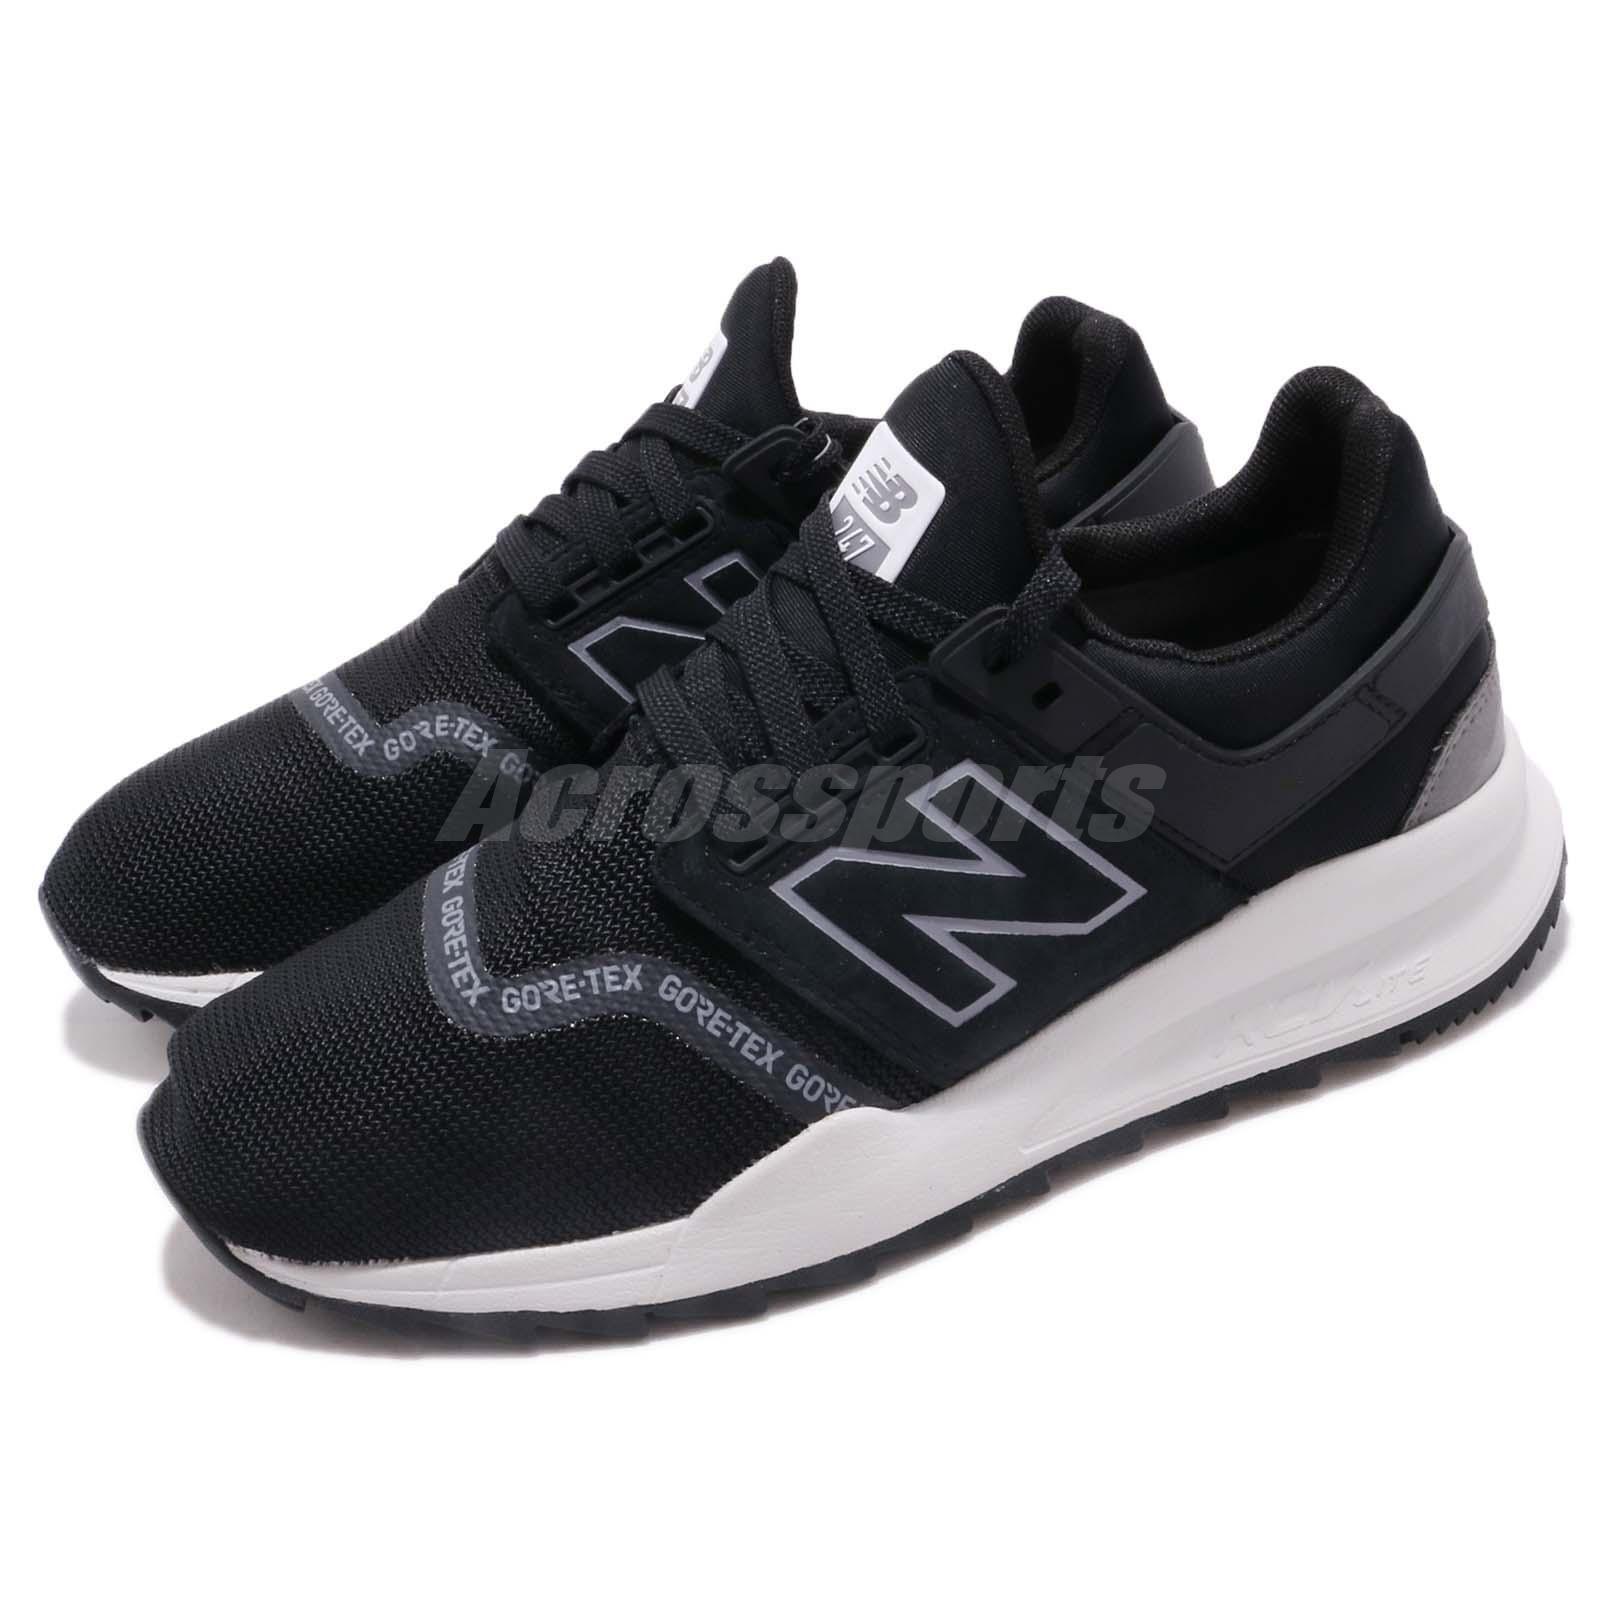 New Balance MS247GTX D Gore-Tex Noir Gris Men Running Chaussures Baskets MS247GTXD